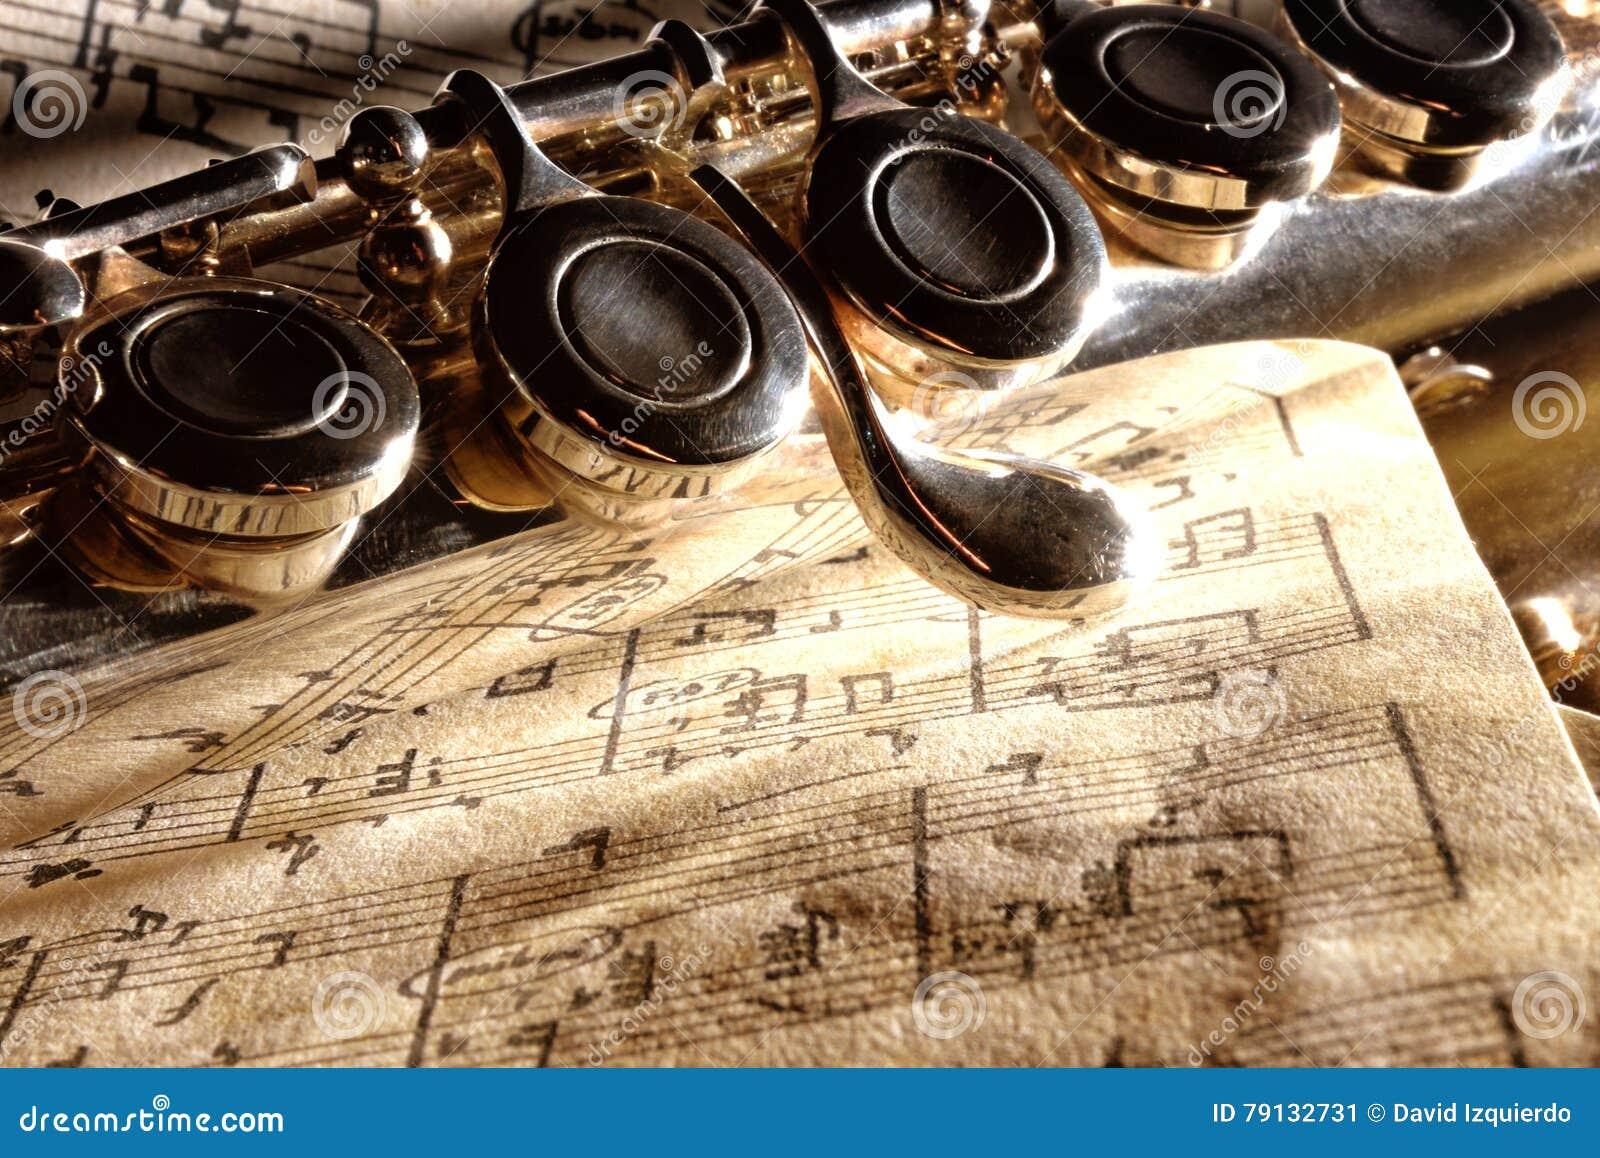 Flauto traverso del dettaglio su vecchia partitura scritta - Tavola posizioni flauto traverso ...